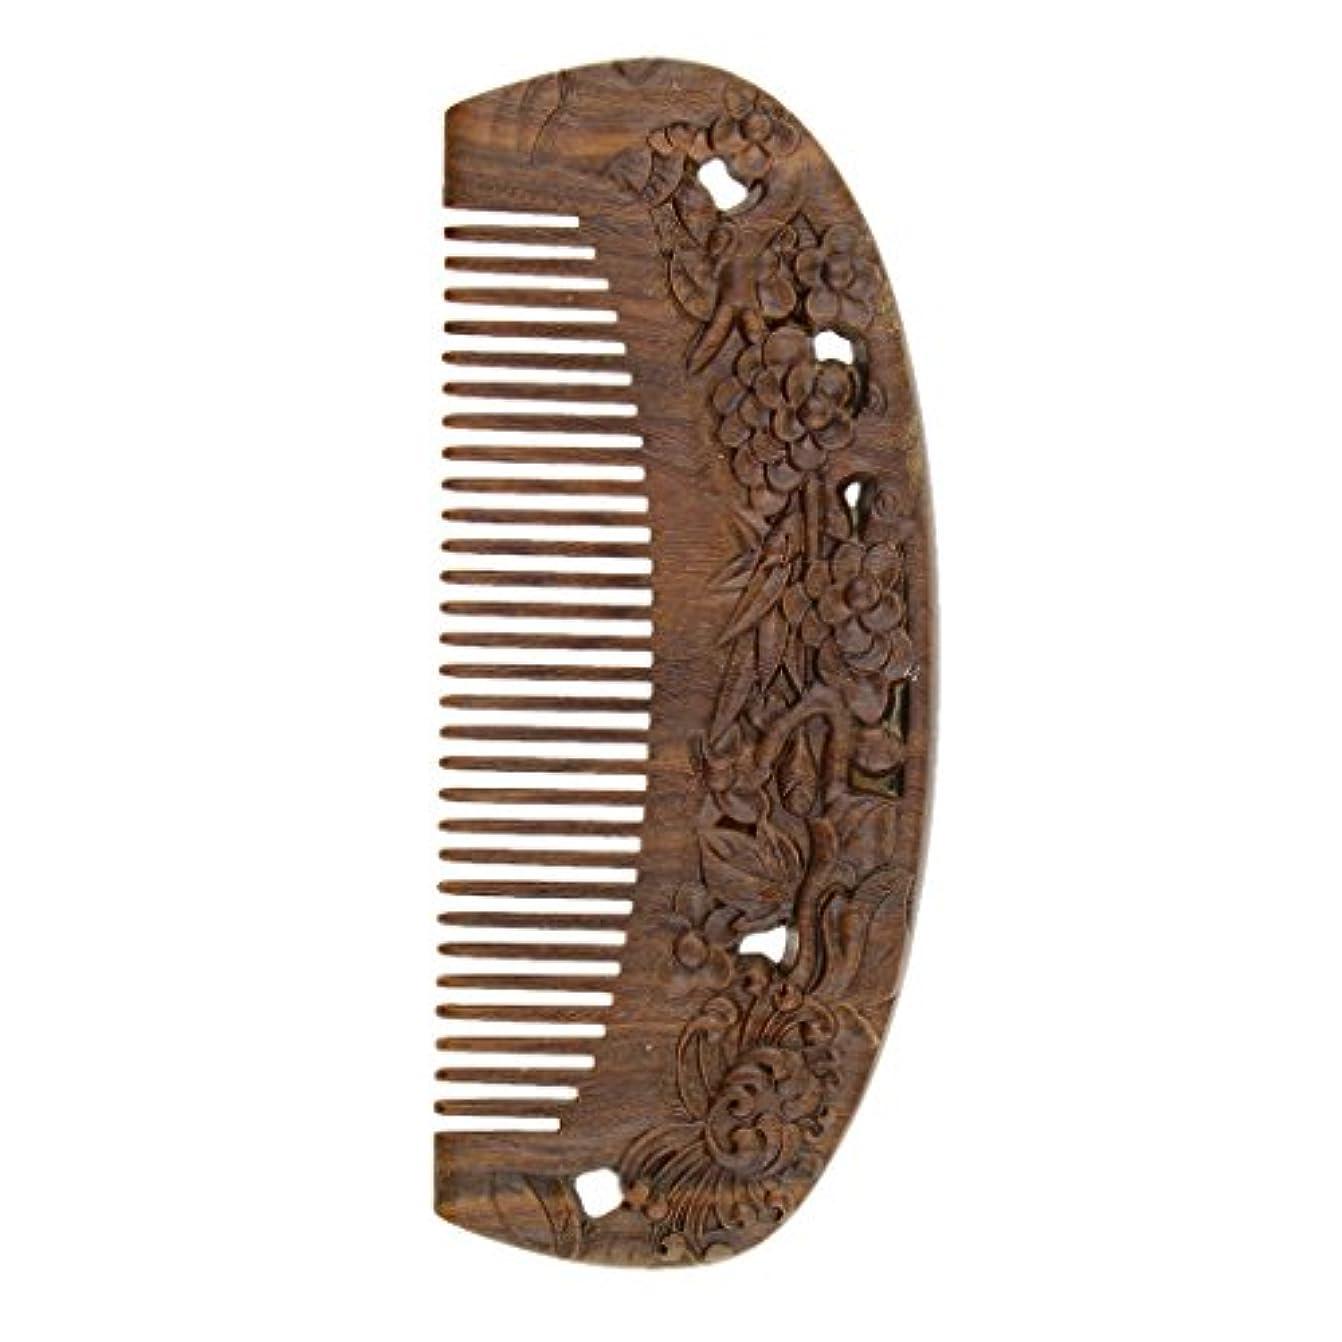 喜び繁栄放つDYNWAVE ヘアスタイリング 木製コーム ウッドコーム ワイド歯 頭皮マッサージ ヘアブラシ 全2種類 - #2